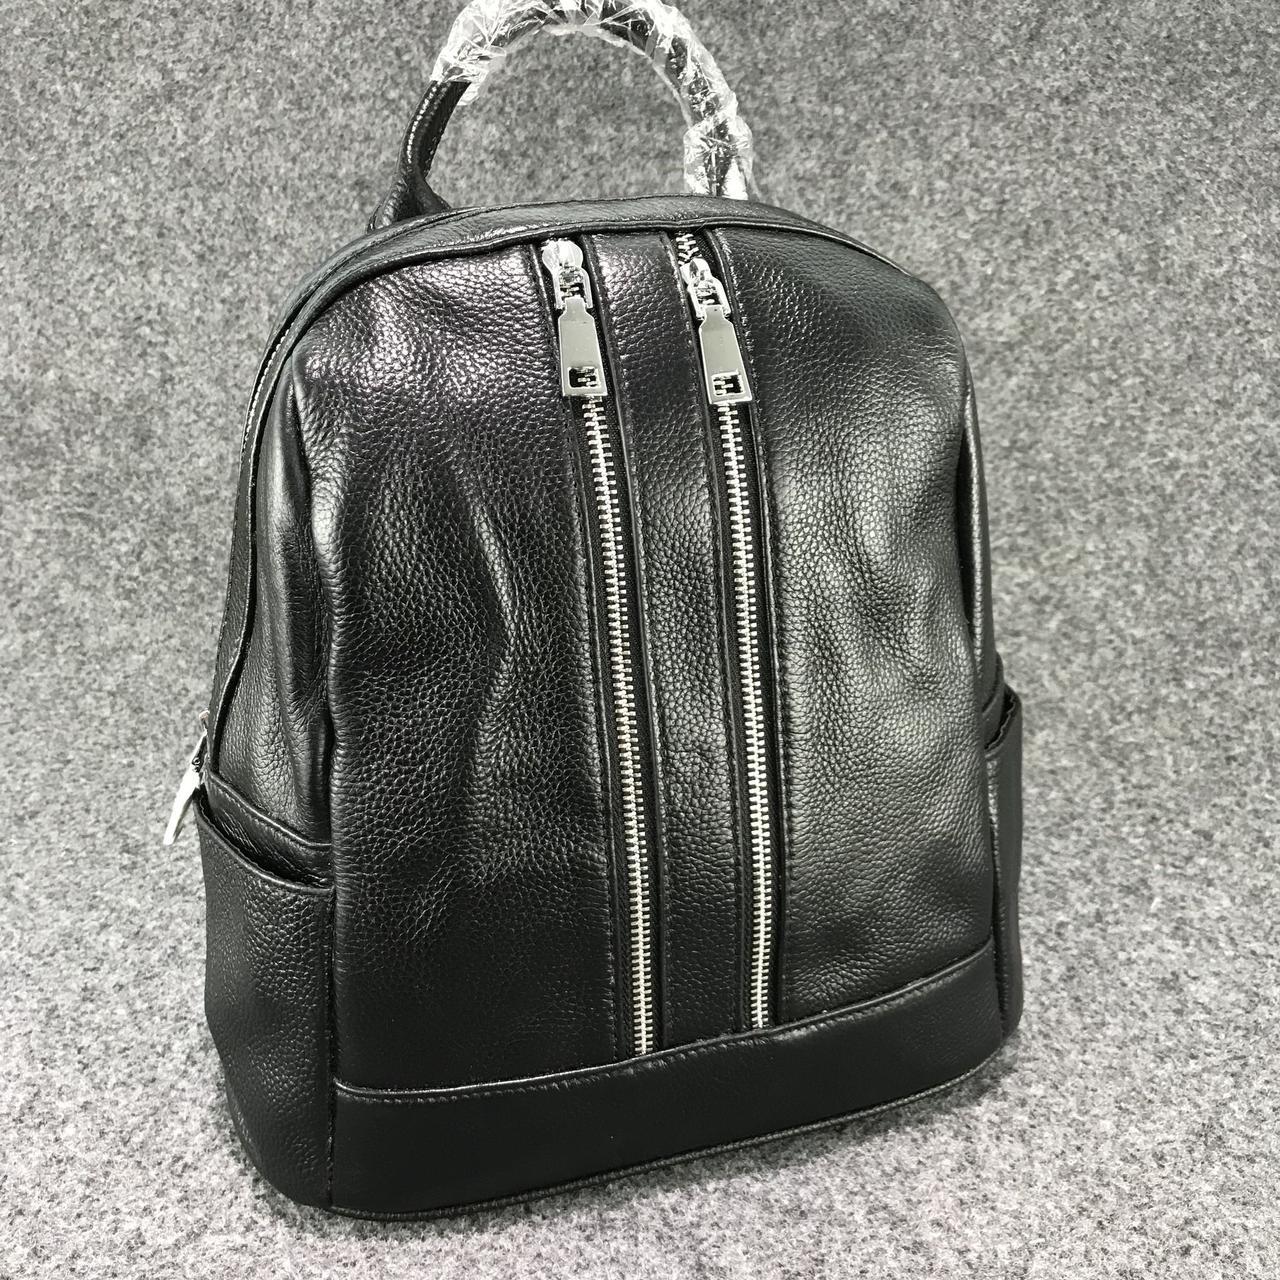 Рюкзак с двумя карманами на молнии спереди  / натуральная кожа Черный